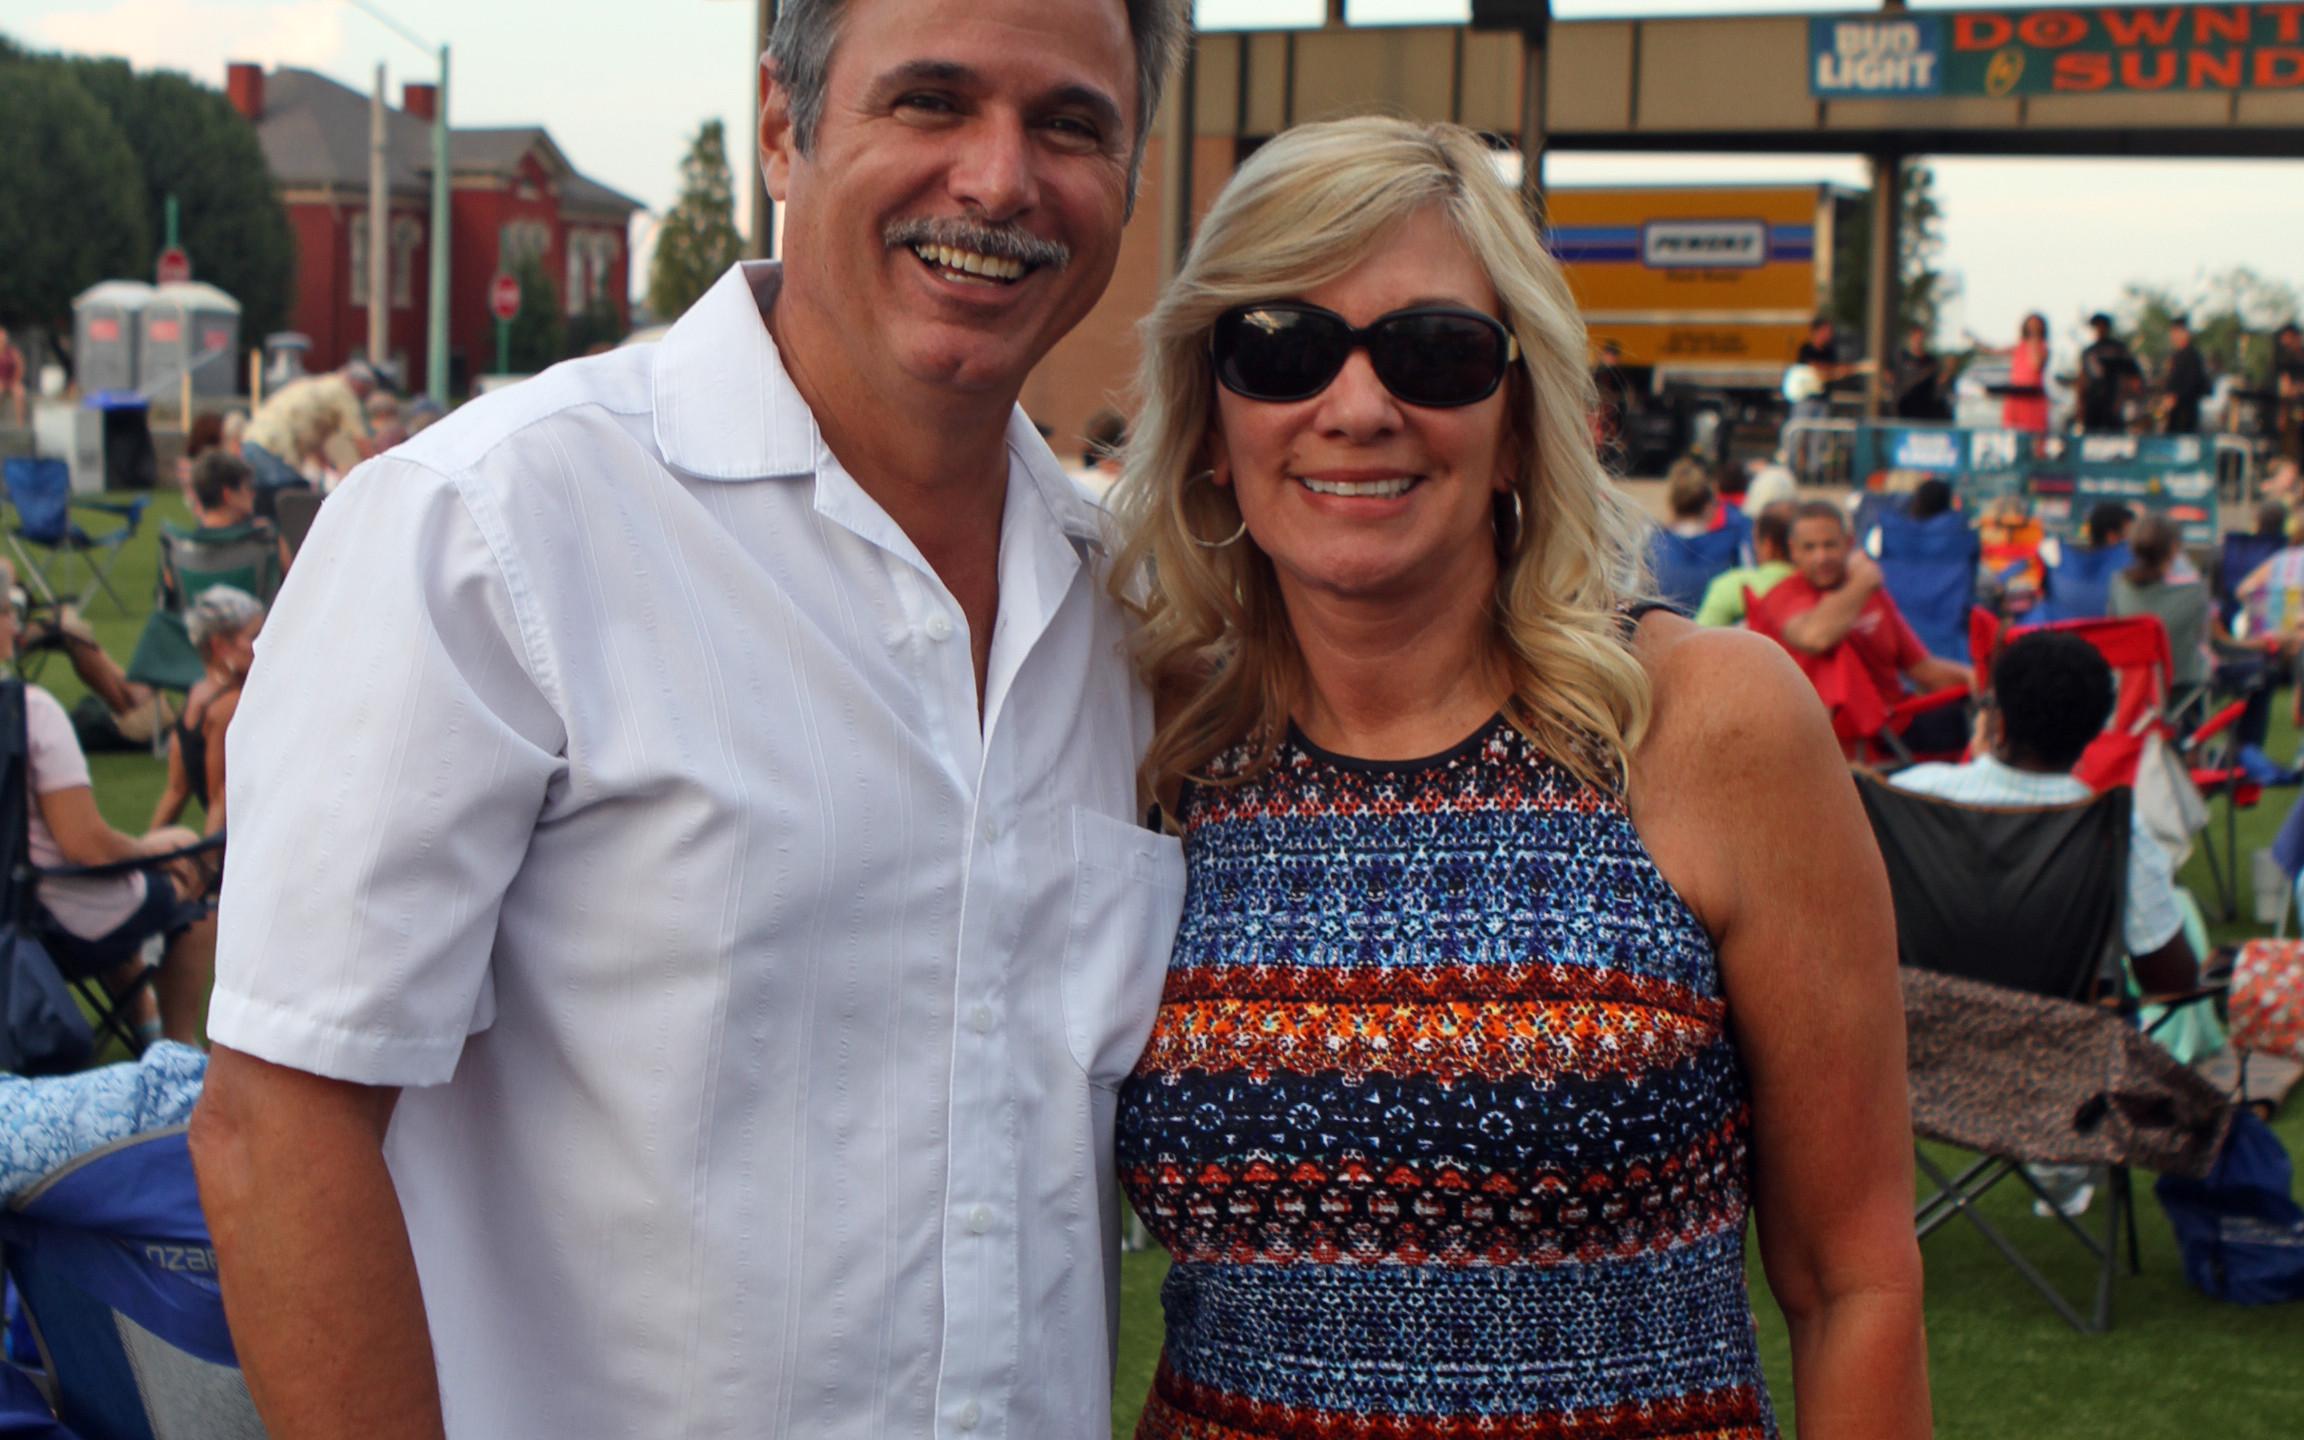 Mark Huerta, Kathy Gray